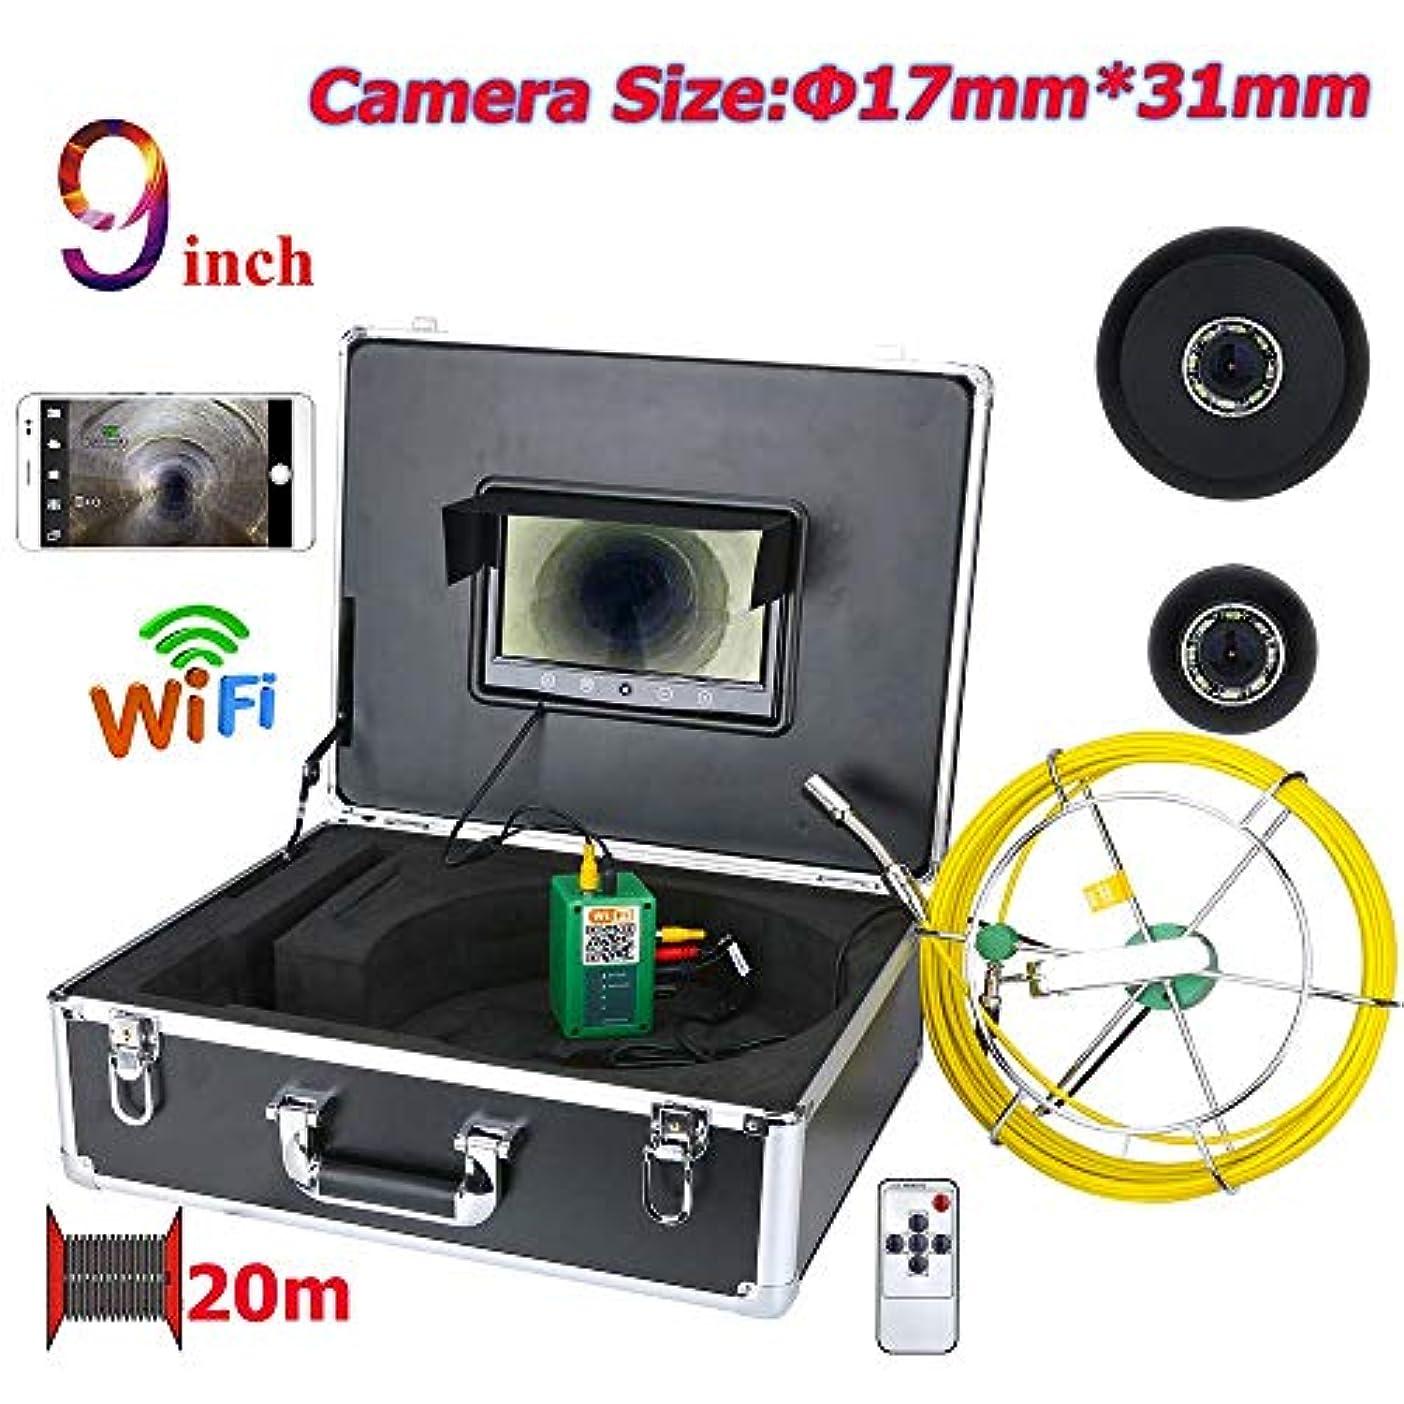 ショート取り出す裕福な20M / 30M / 40M / 50M 9インチWiFi Wireless17mm工業用パイプ下水道検査ビデオカメラシステム